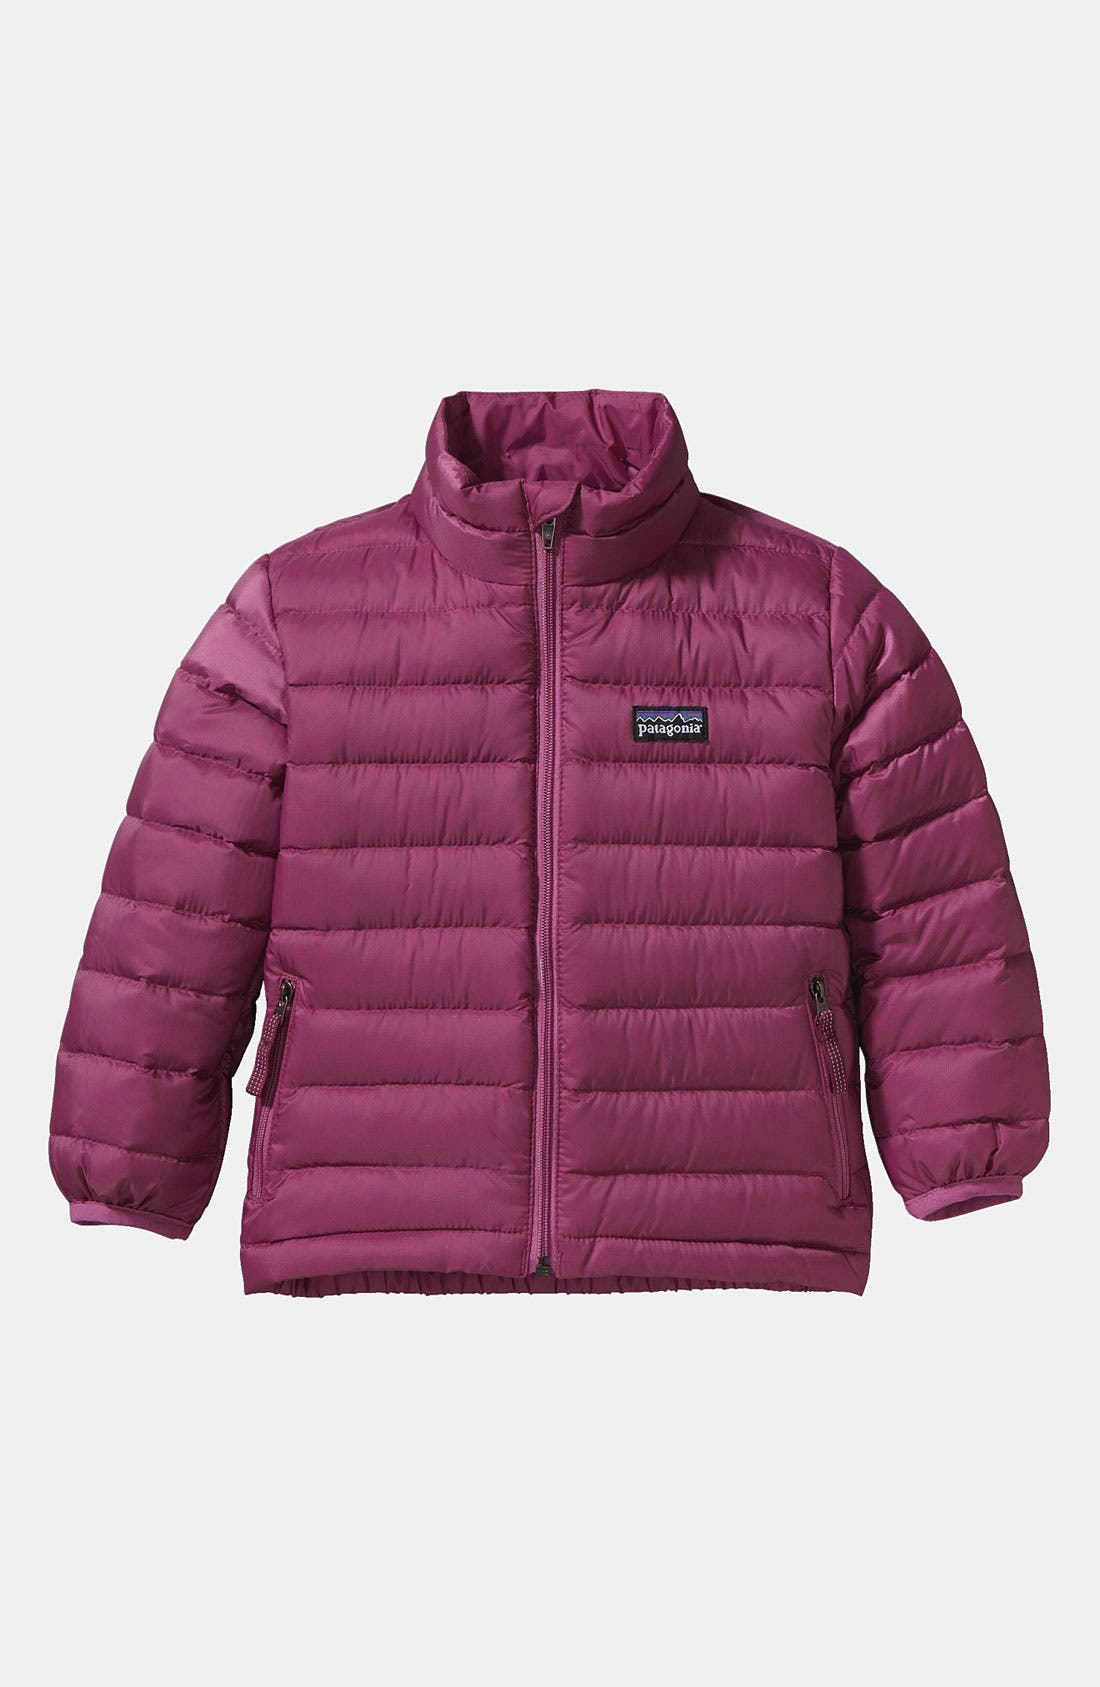 Main Image - Patagonia Down Jacket (Toddler)